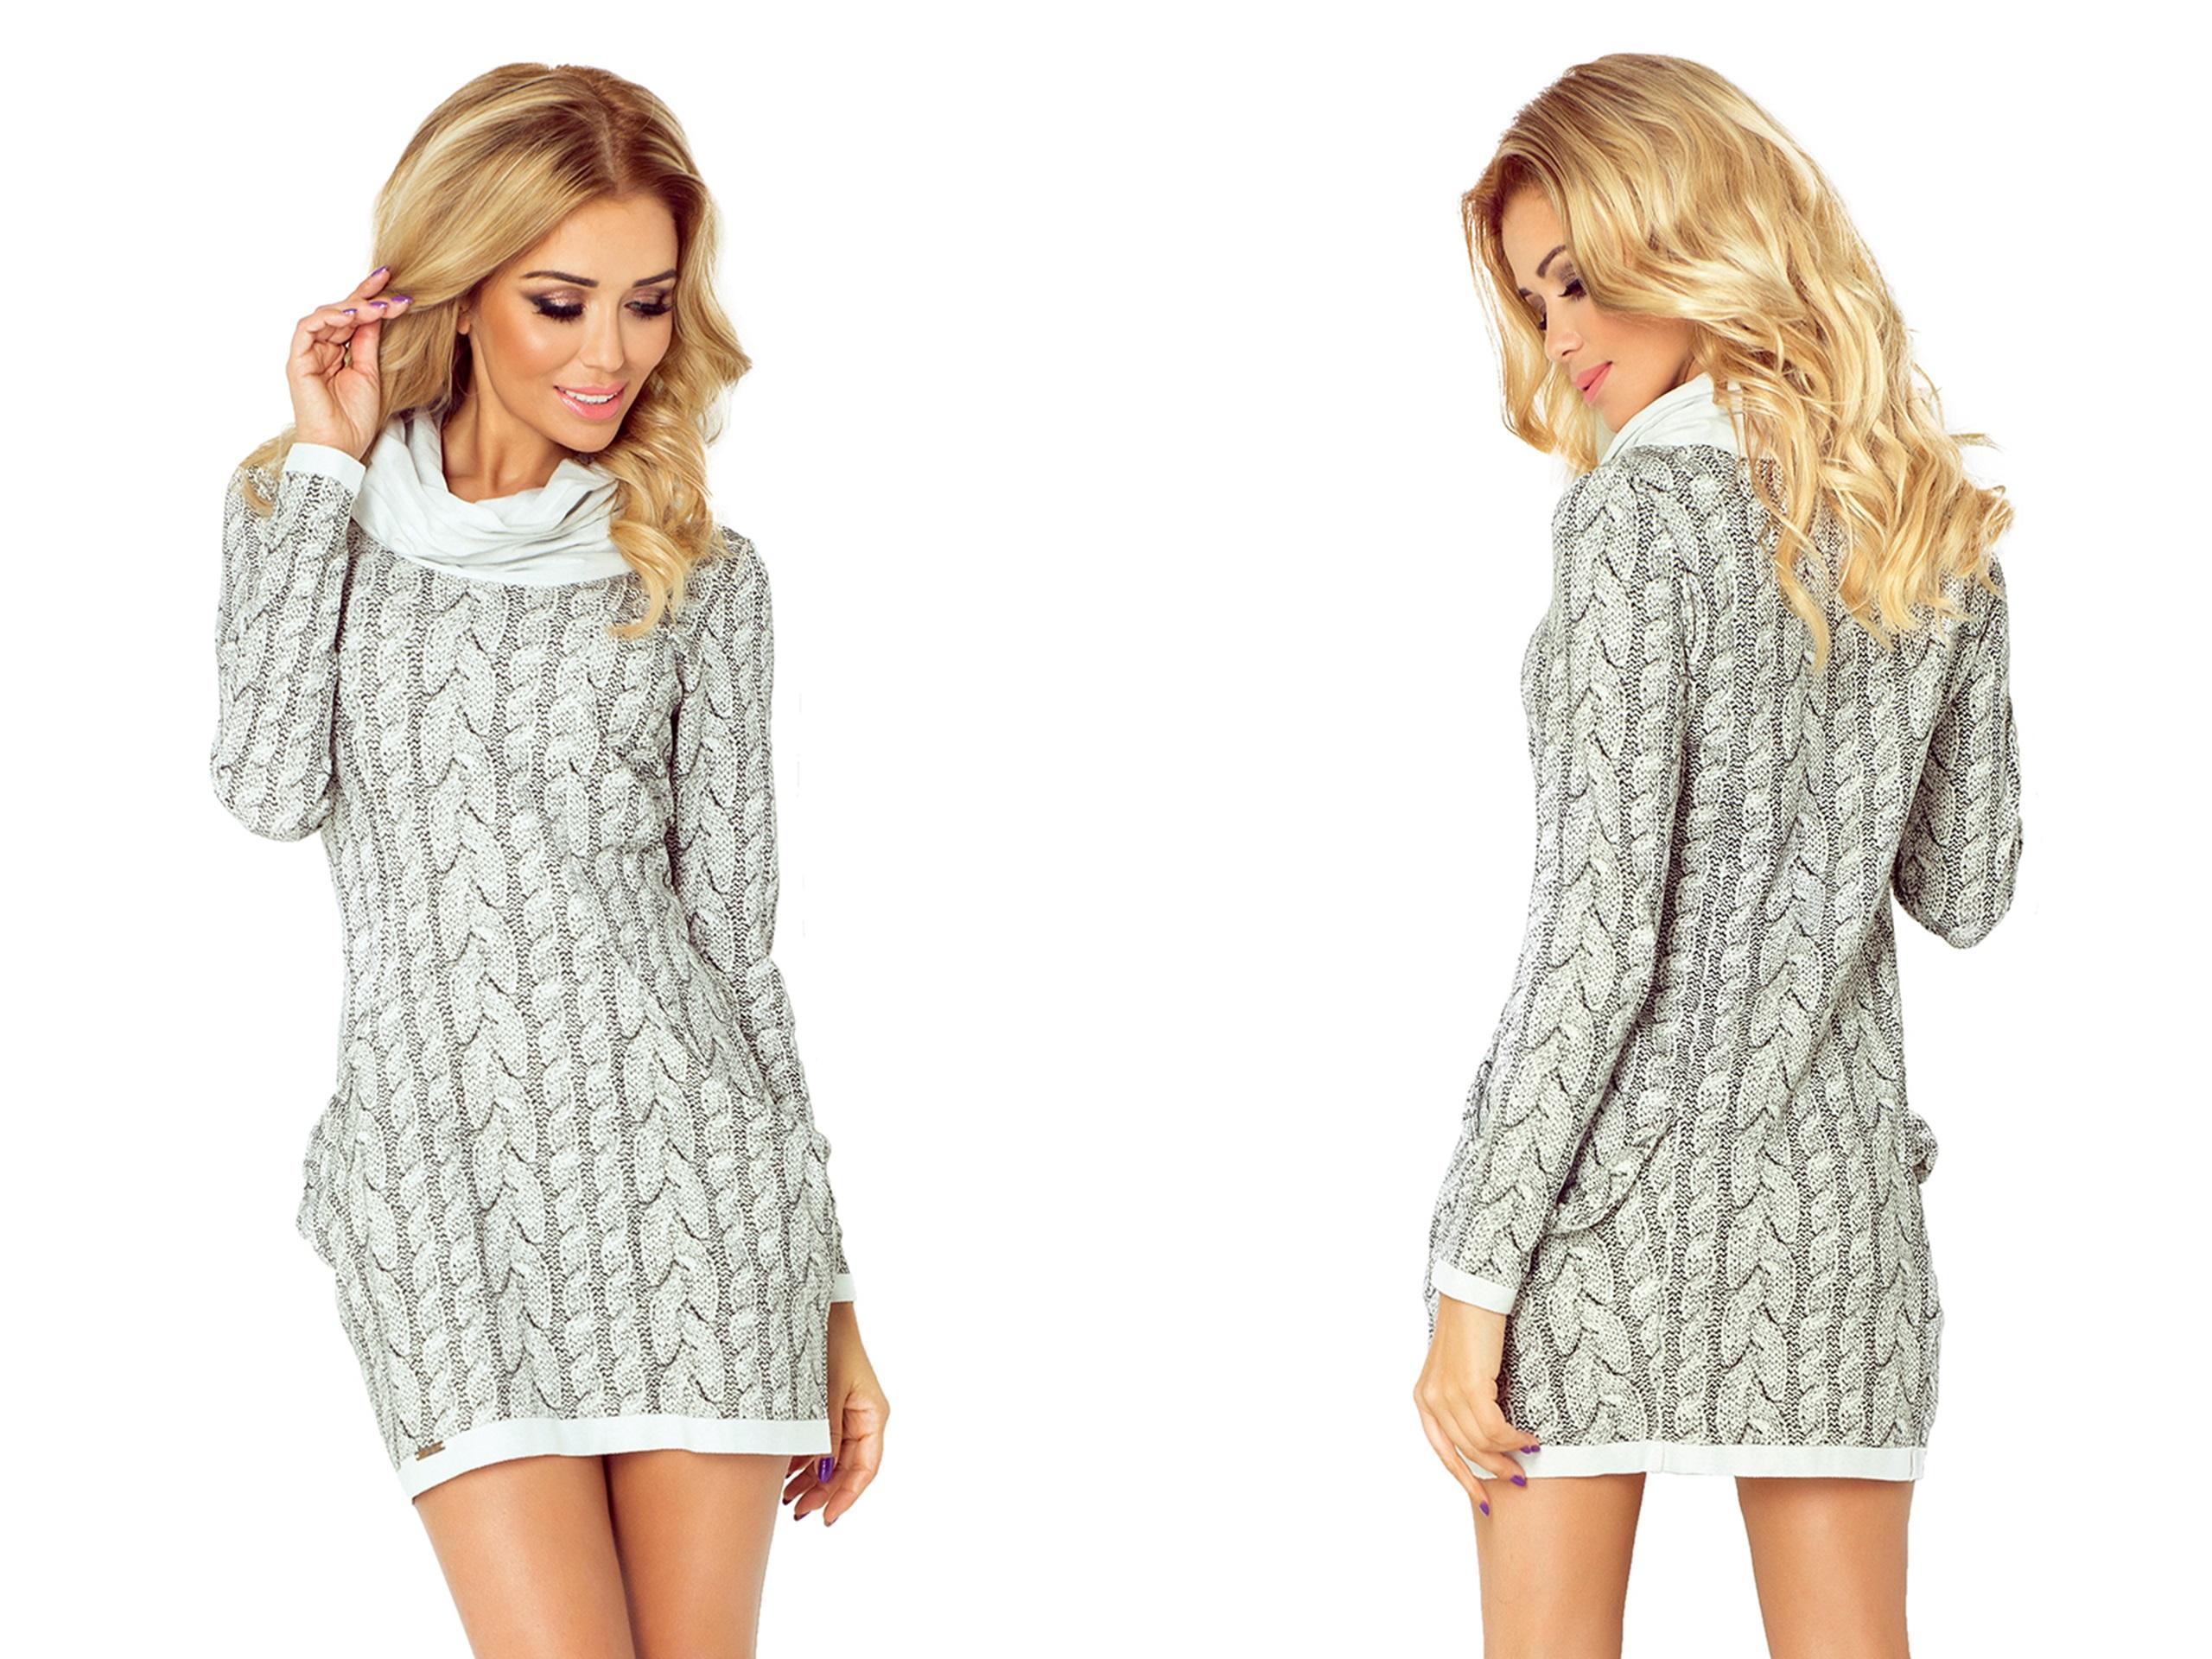 1257105a0d MODNA Mini Sukienka Z GOLFEM+ KIESZONKI 119-1 XS 7297157883 - Allegro.pl